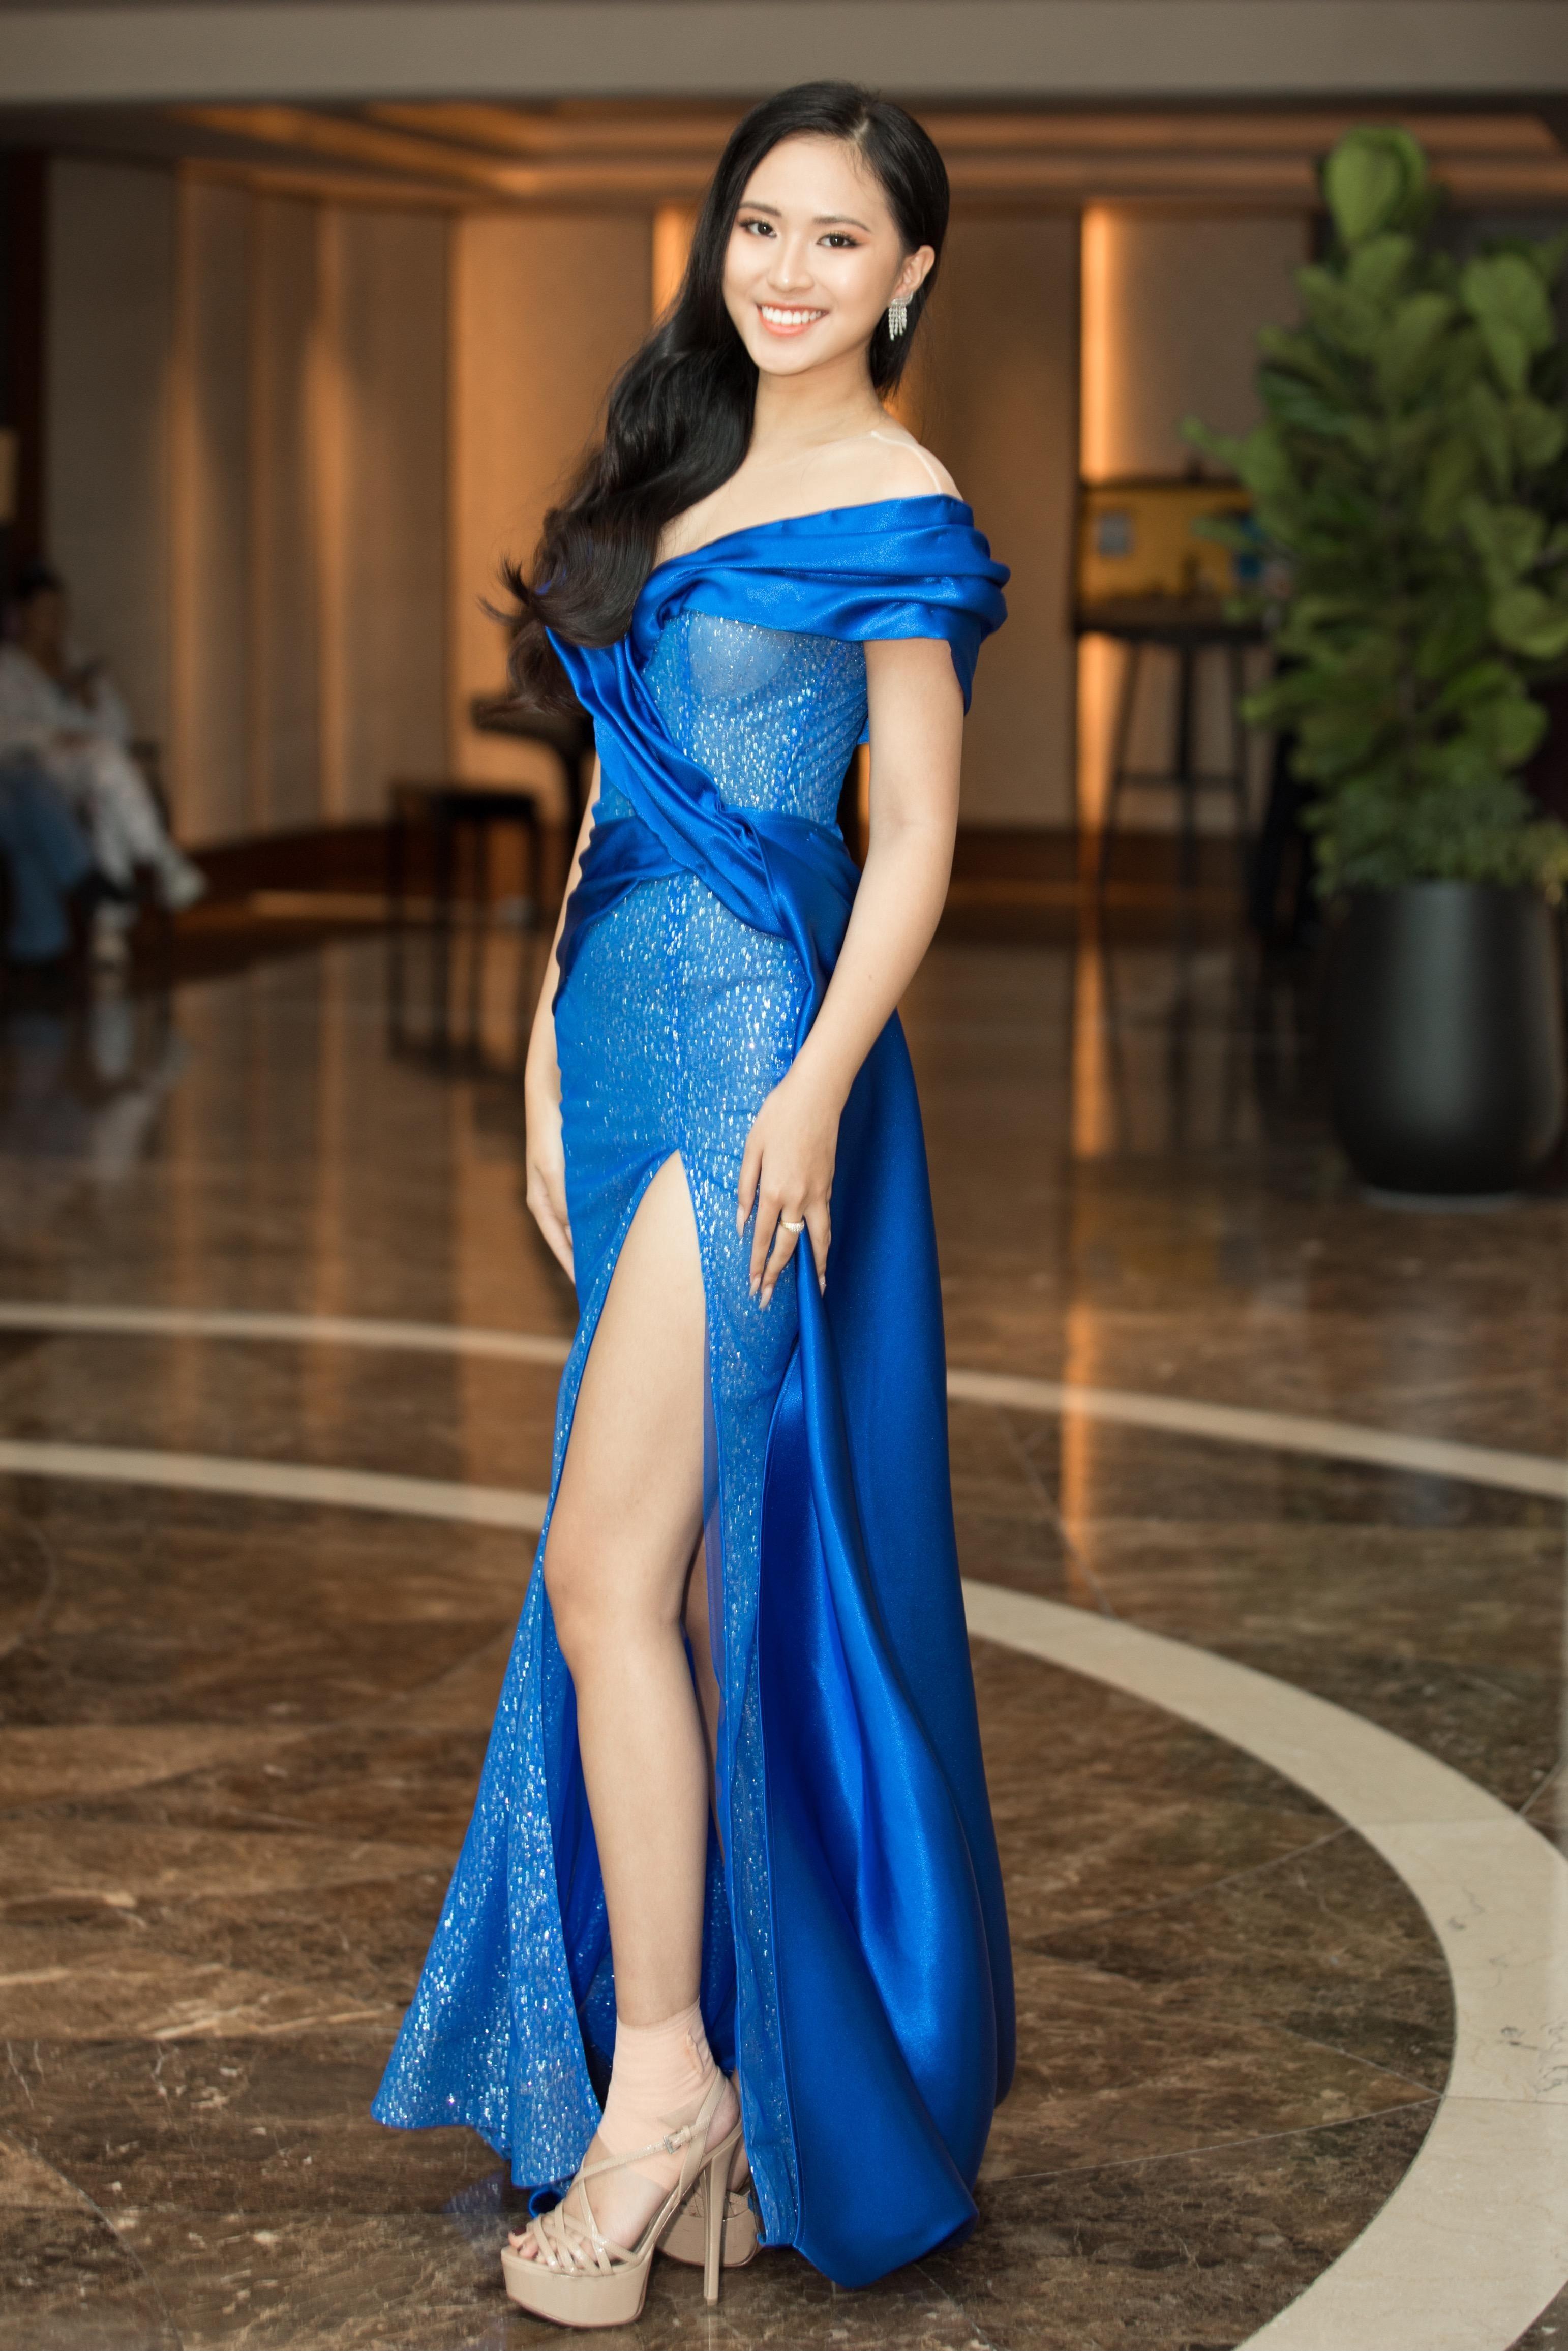 Cẩm Đan, Bích Thùy diện váy cúp ngực siêu gợi cảm ảnh 7